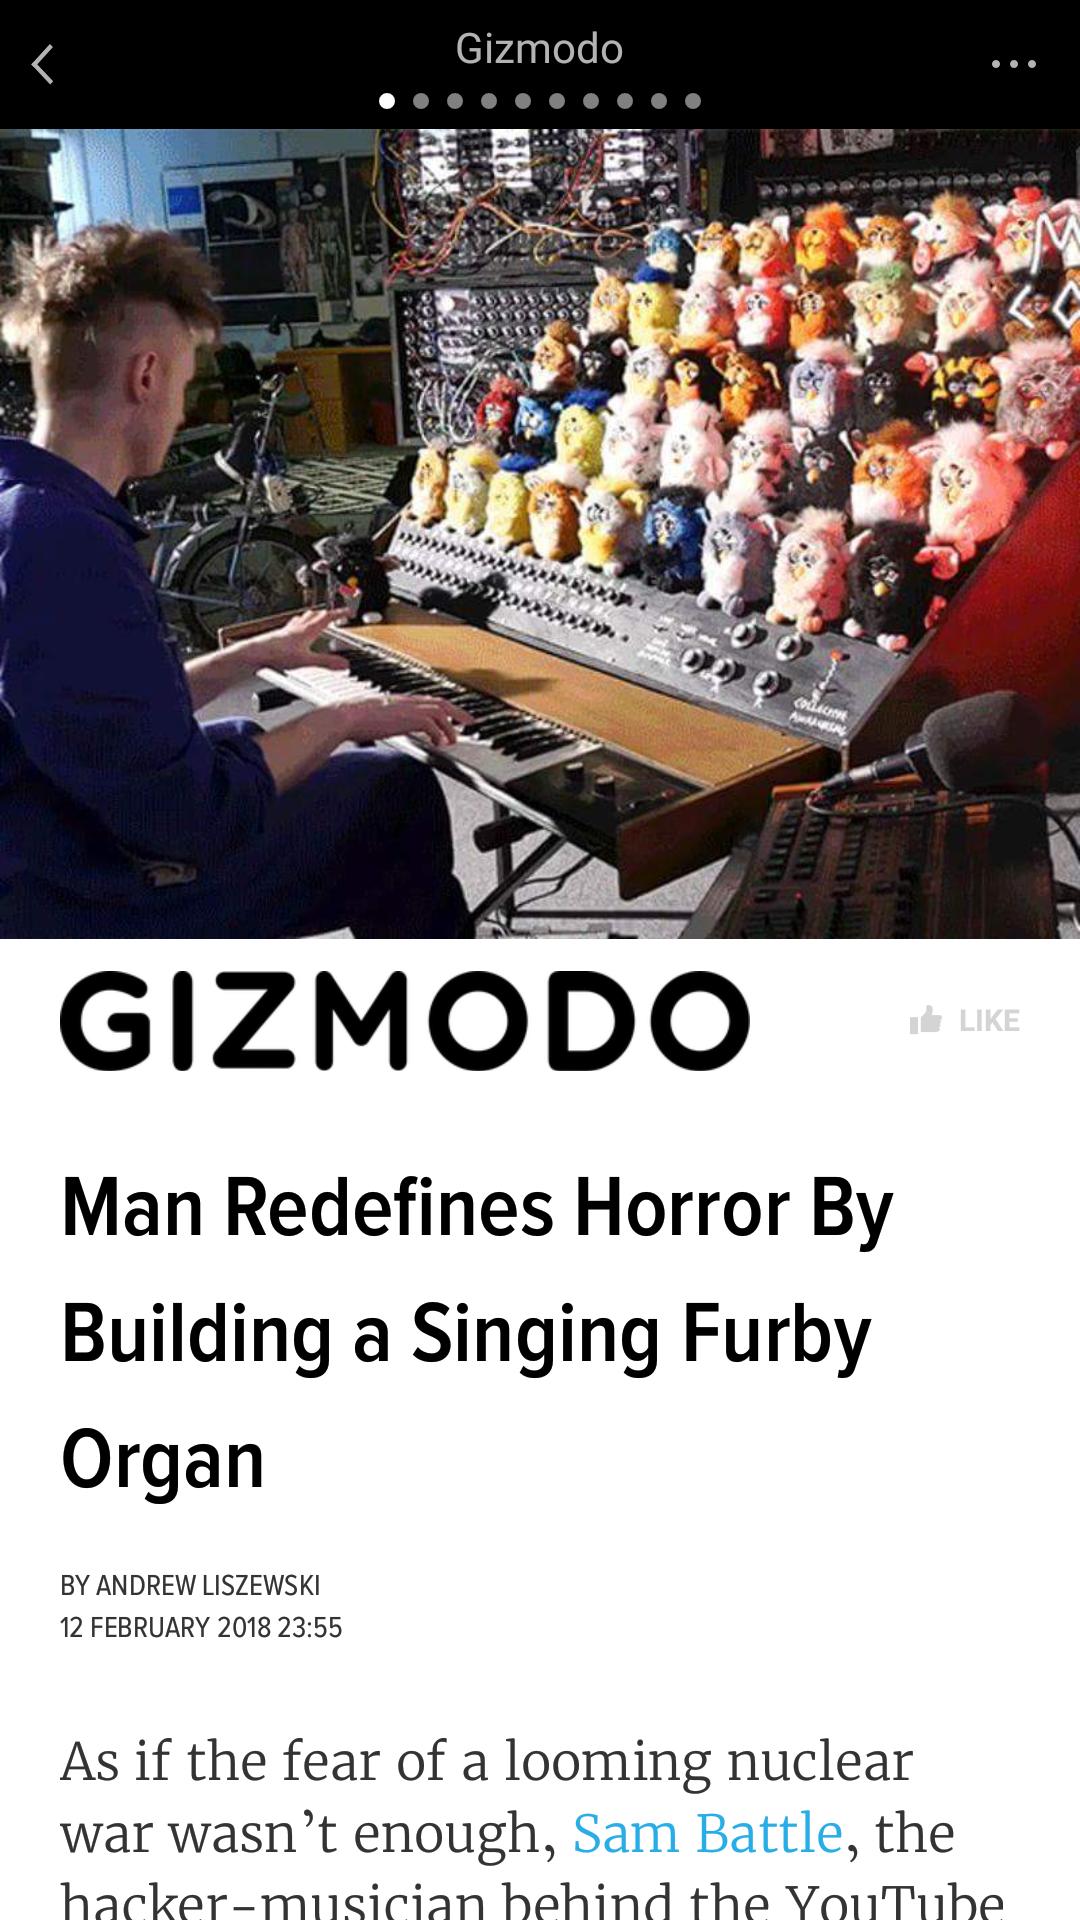 Man redefines horror